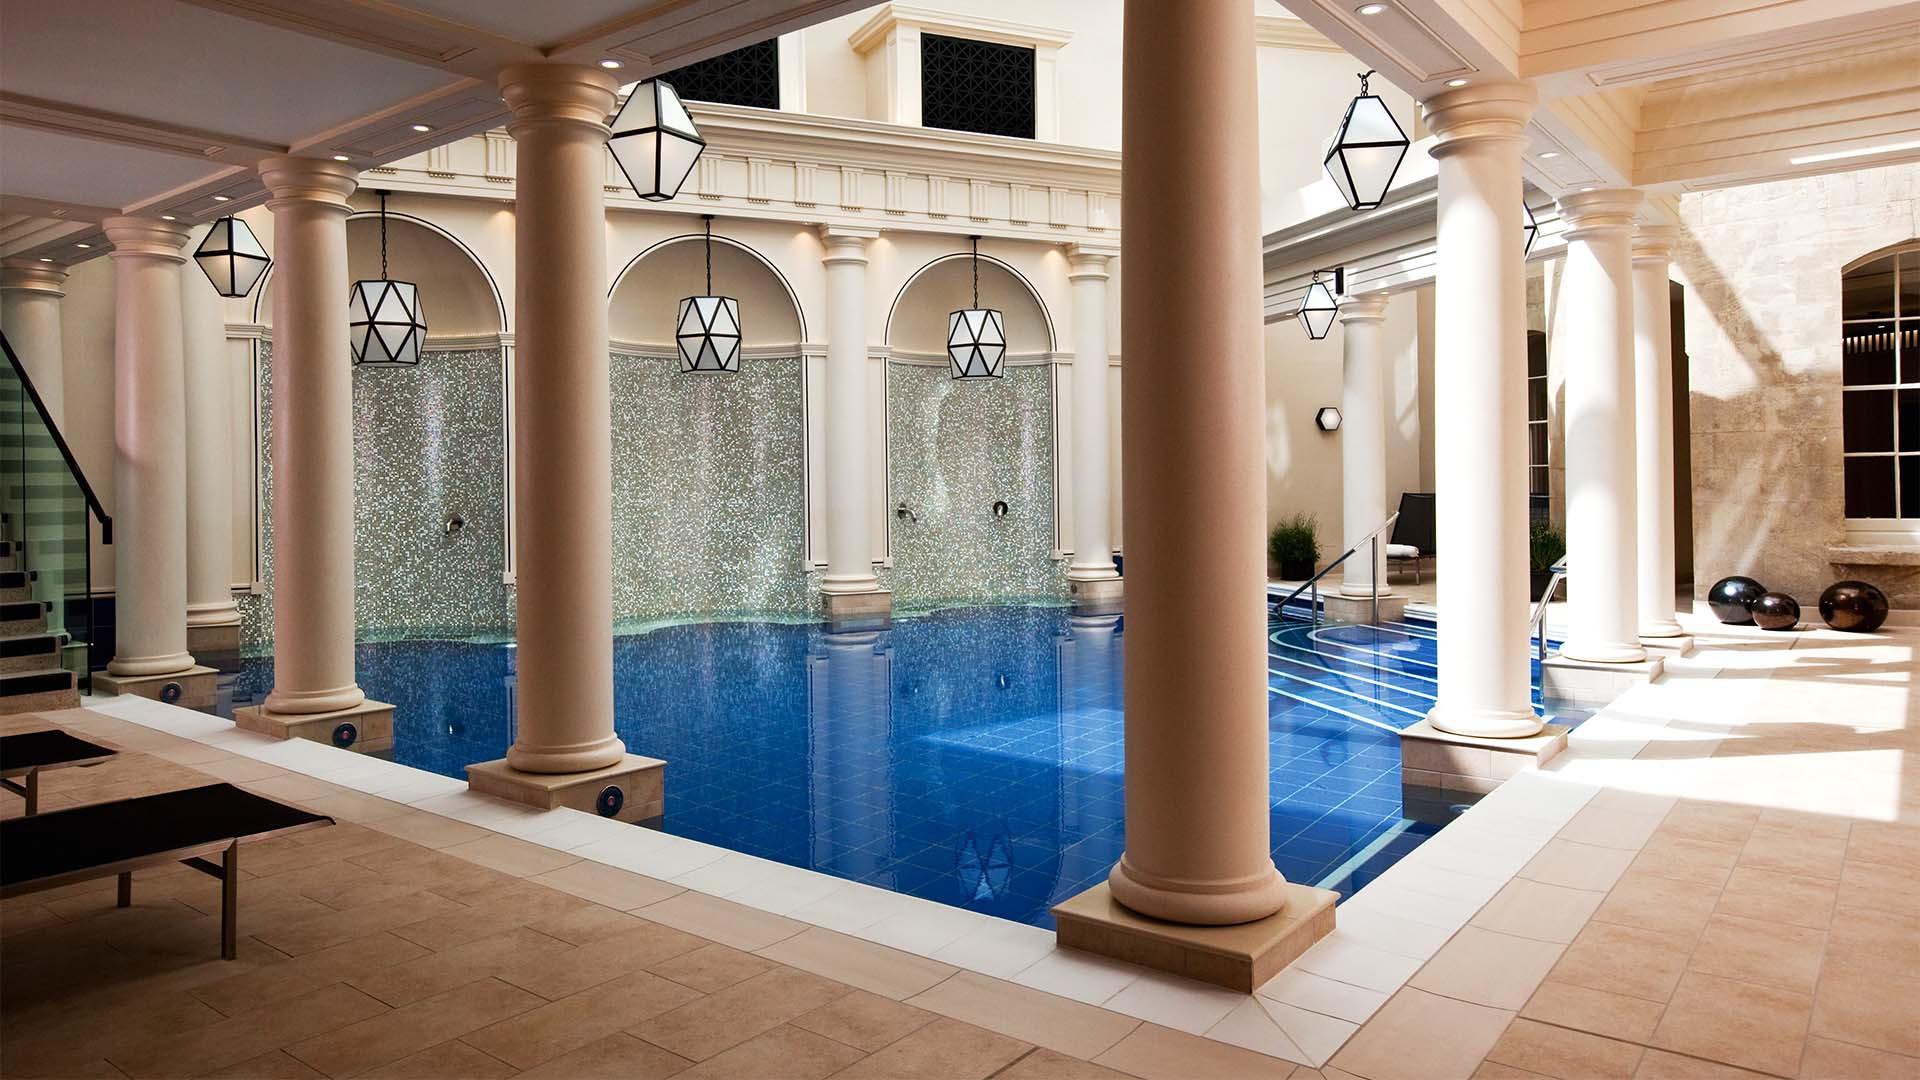 Interior of Gainsborough spa